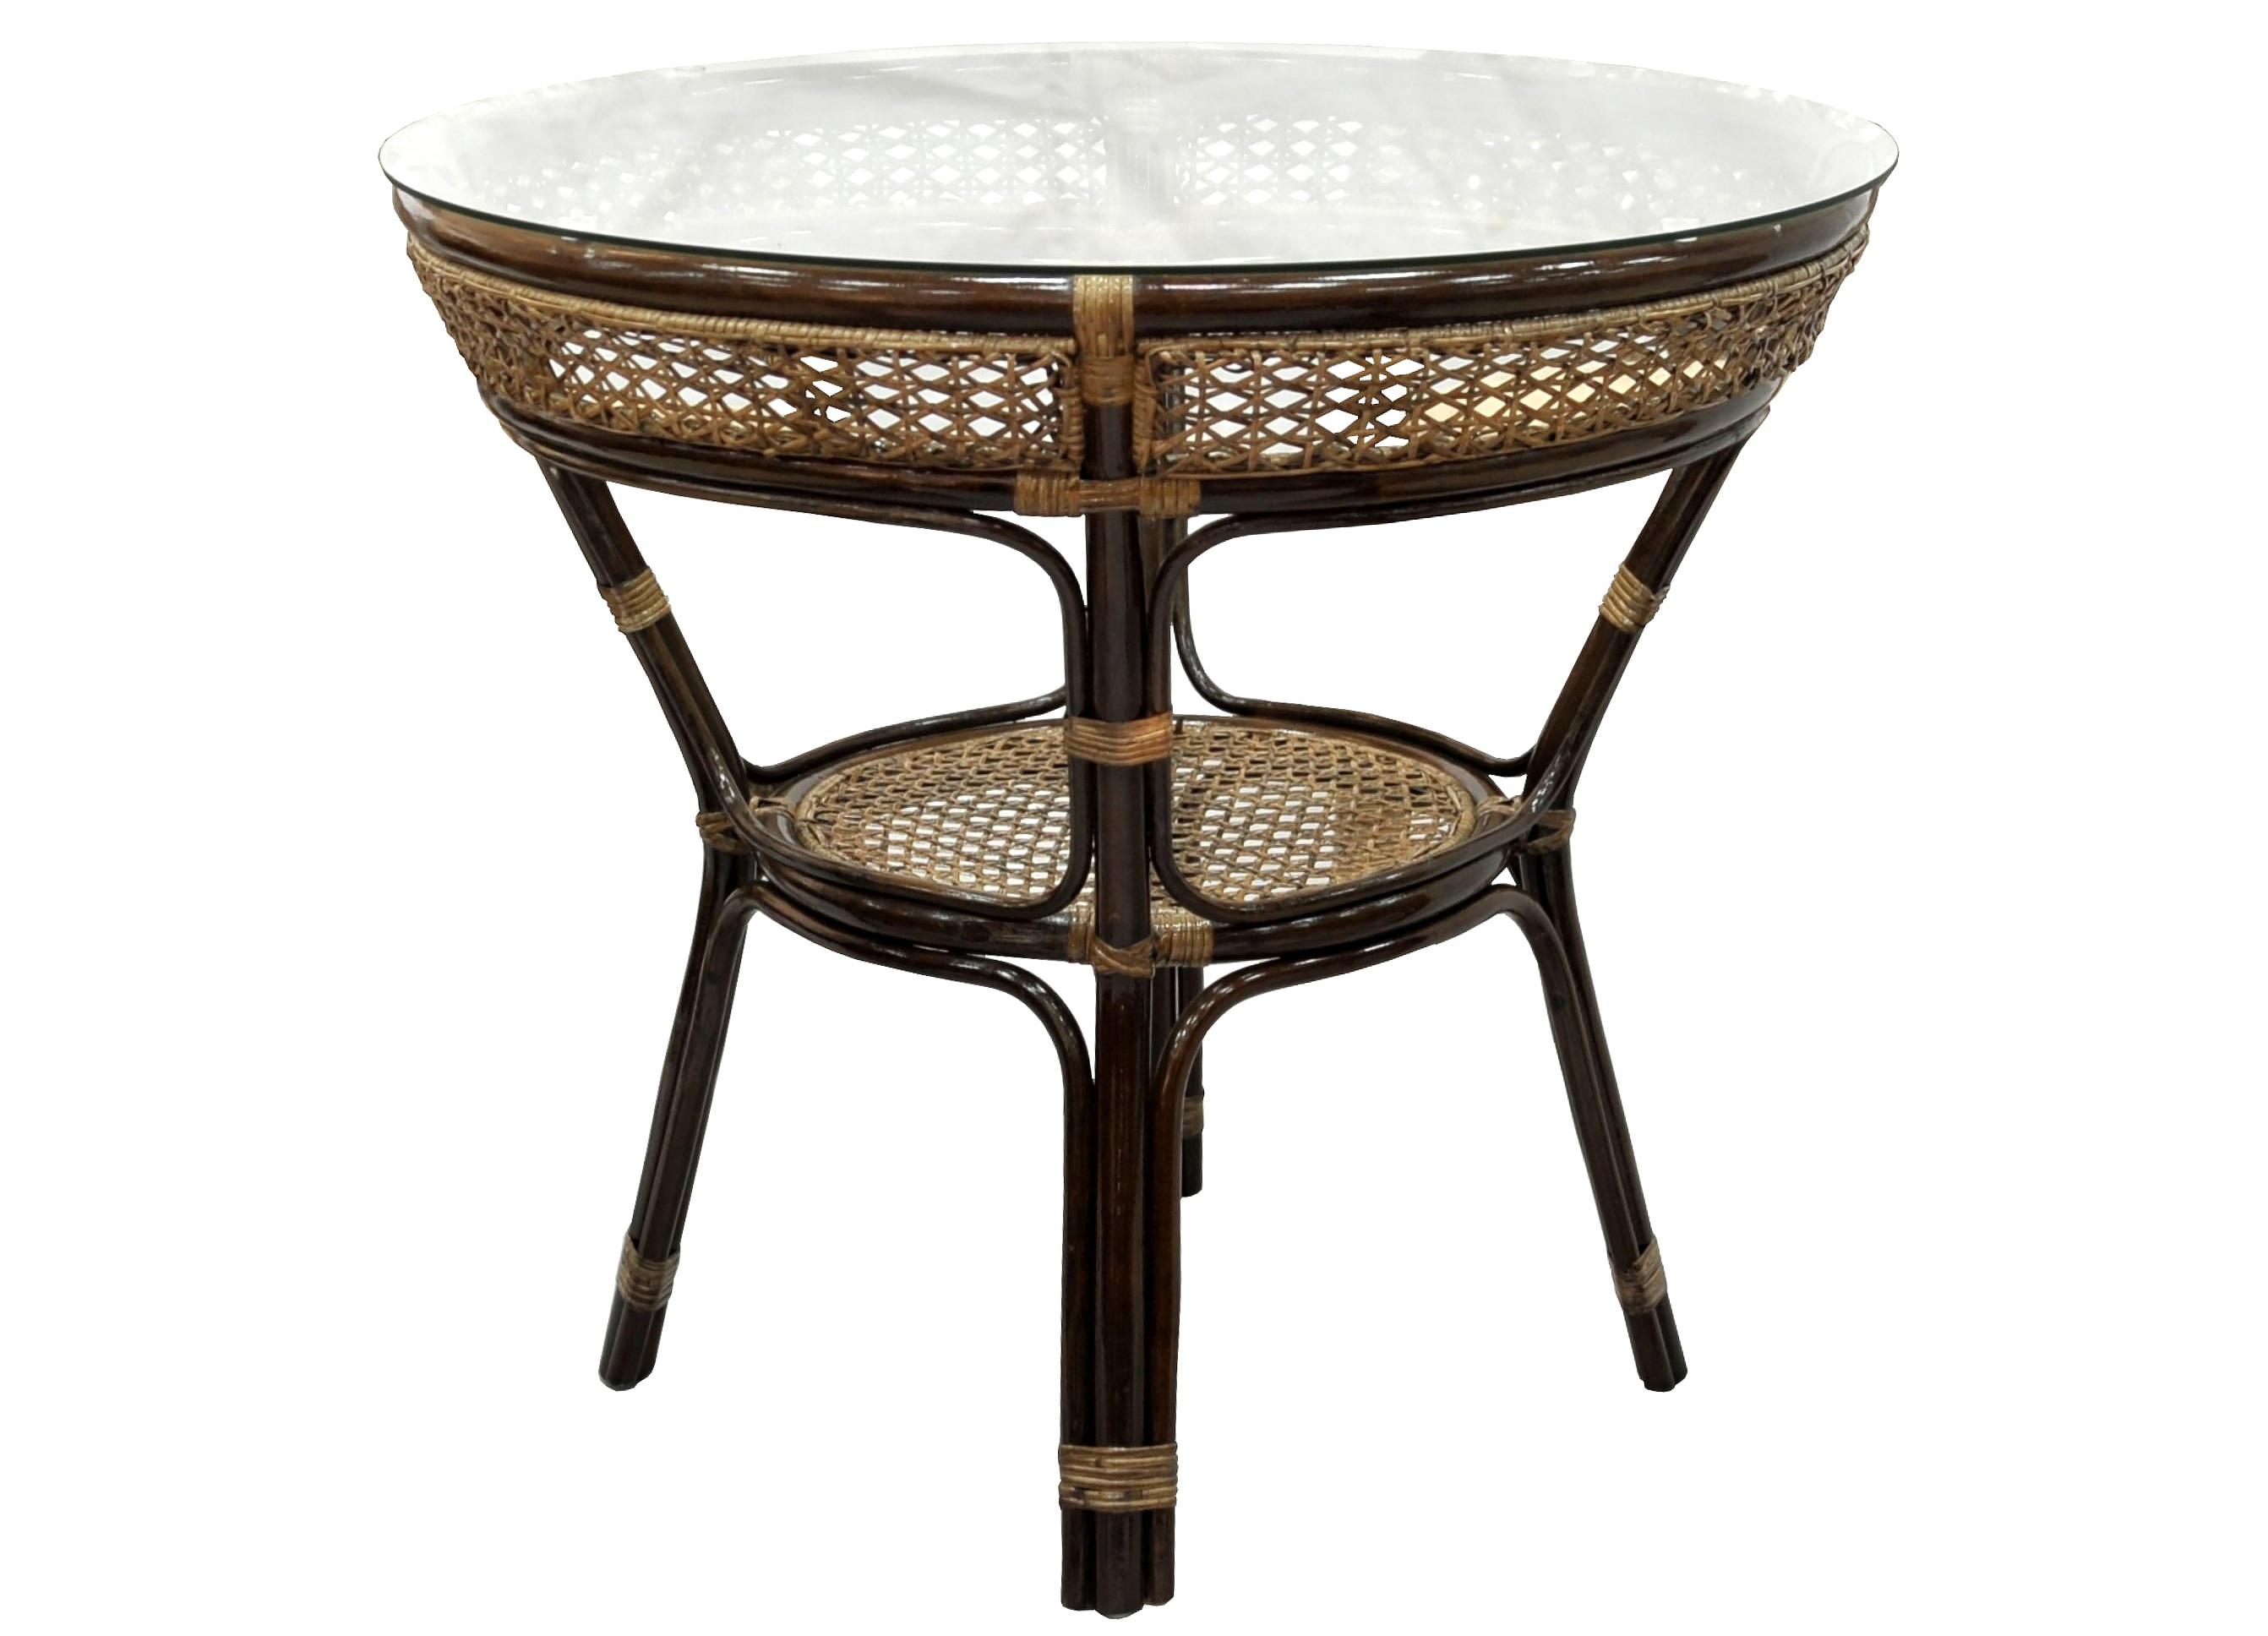 Стол обеденный JavaСтолы и столики для сада<br><br><br>Material: Ротанг<br>Высота см: 75